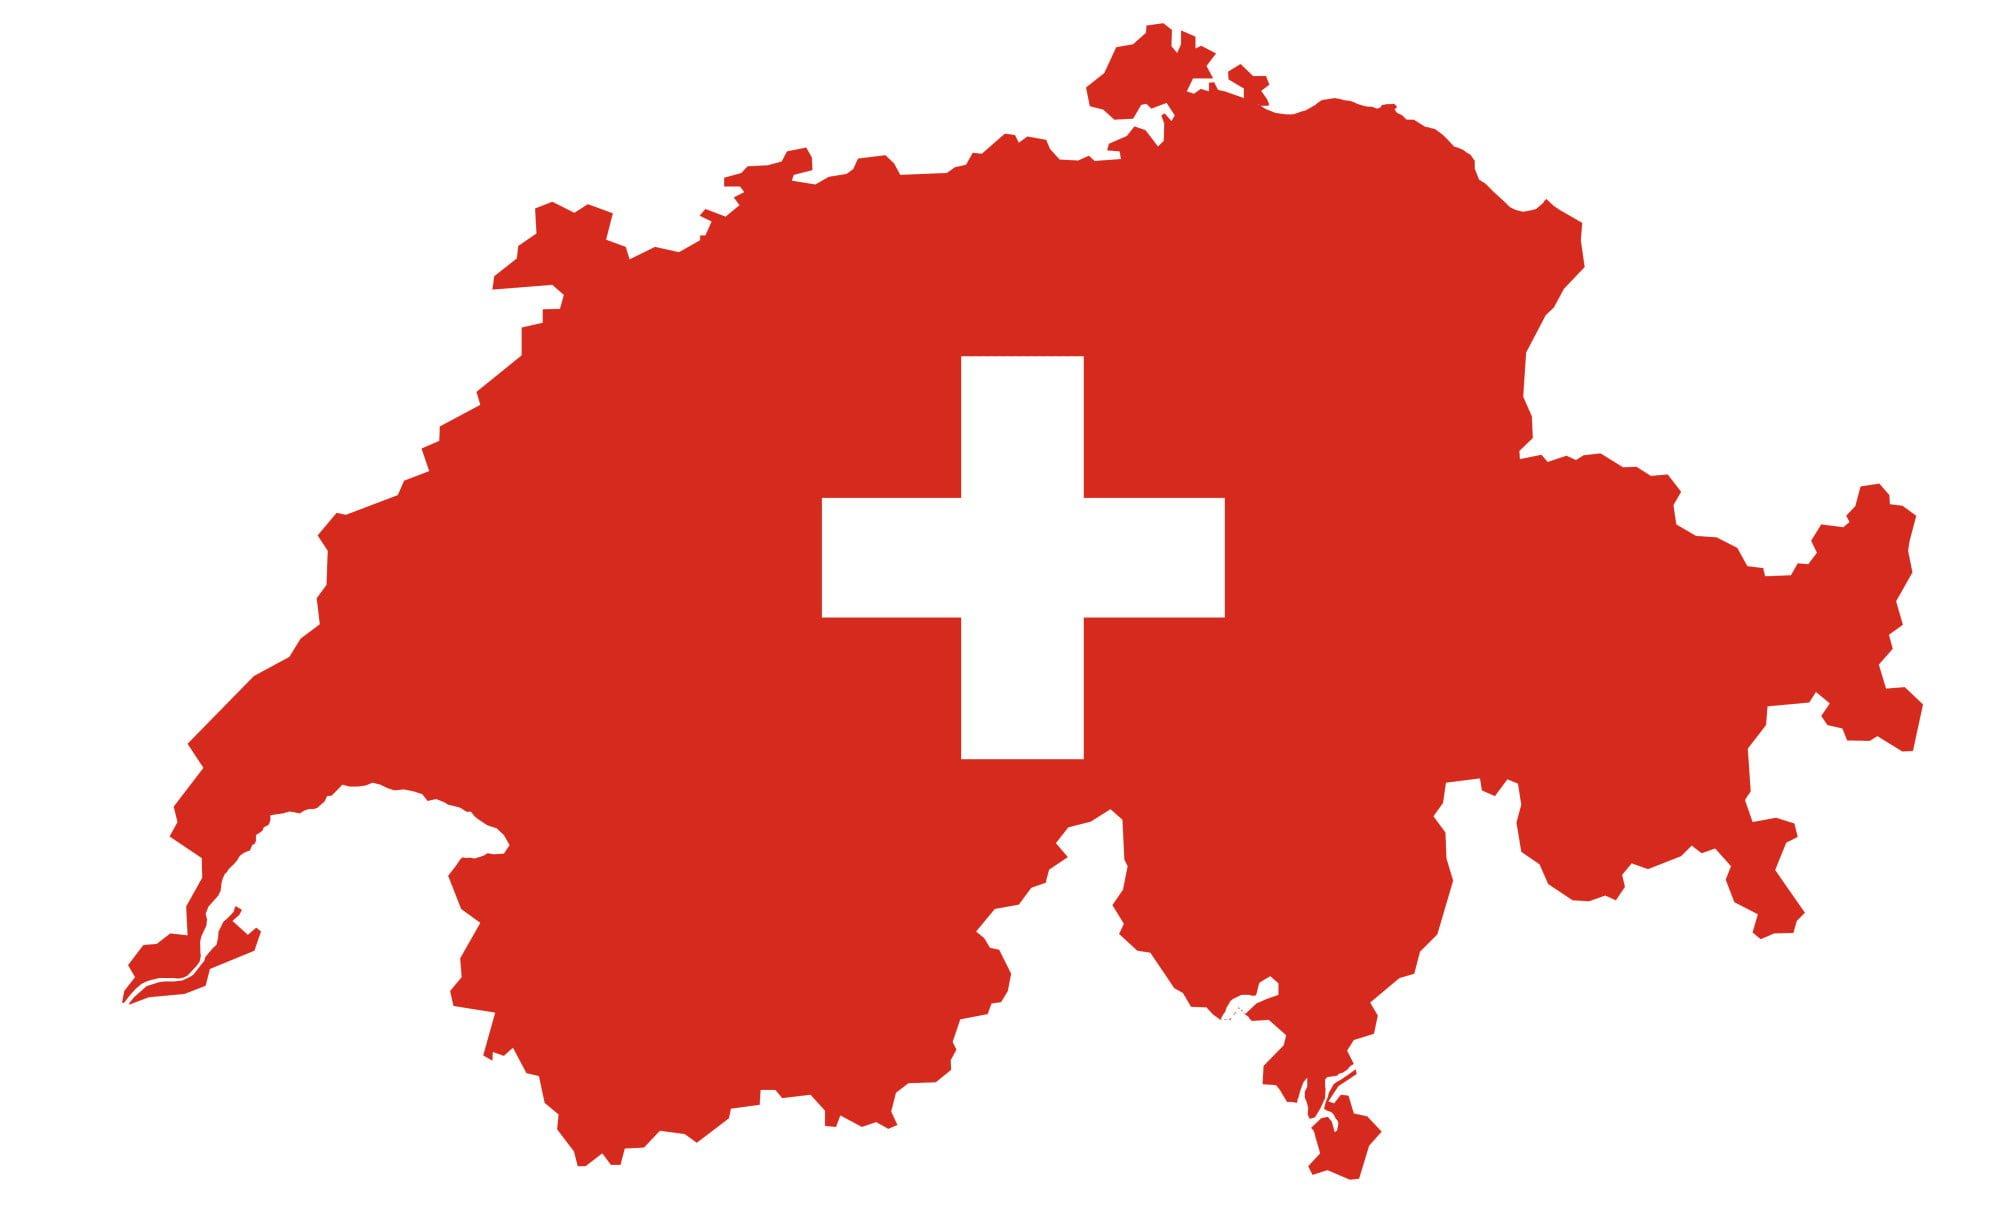 Schweiz Vermögensverwaltungsgesellschaft zu verkaufen